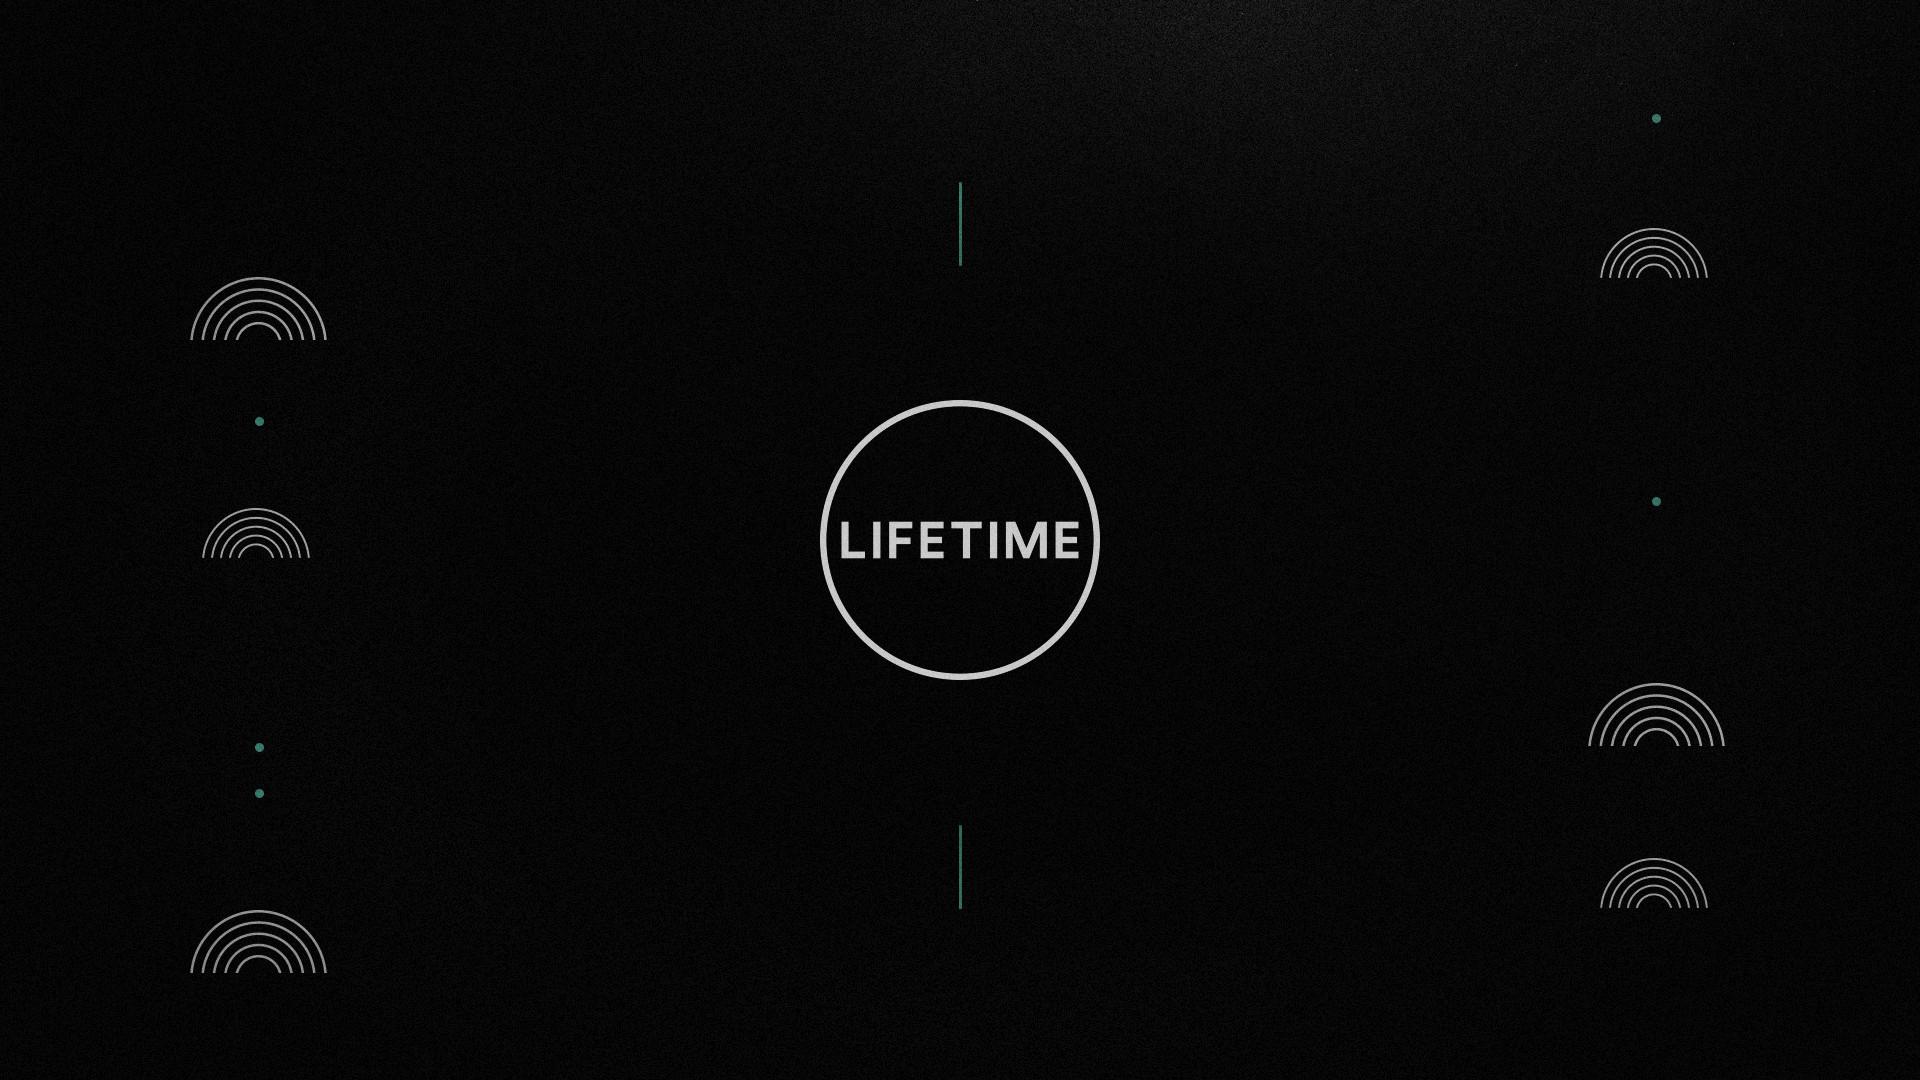 A+E_Upfront_Lifetime_01_titlecard.jpg